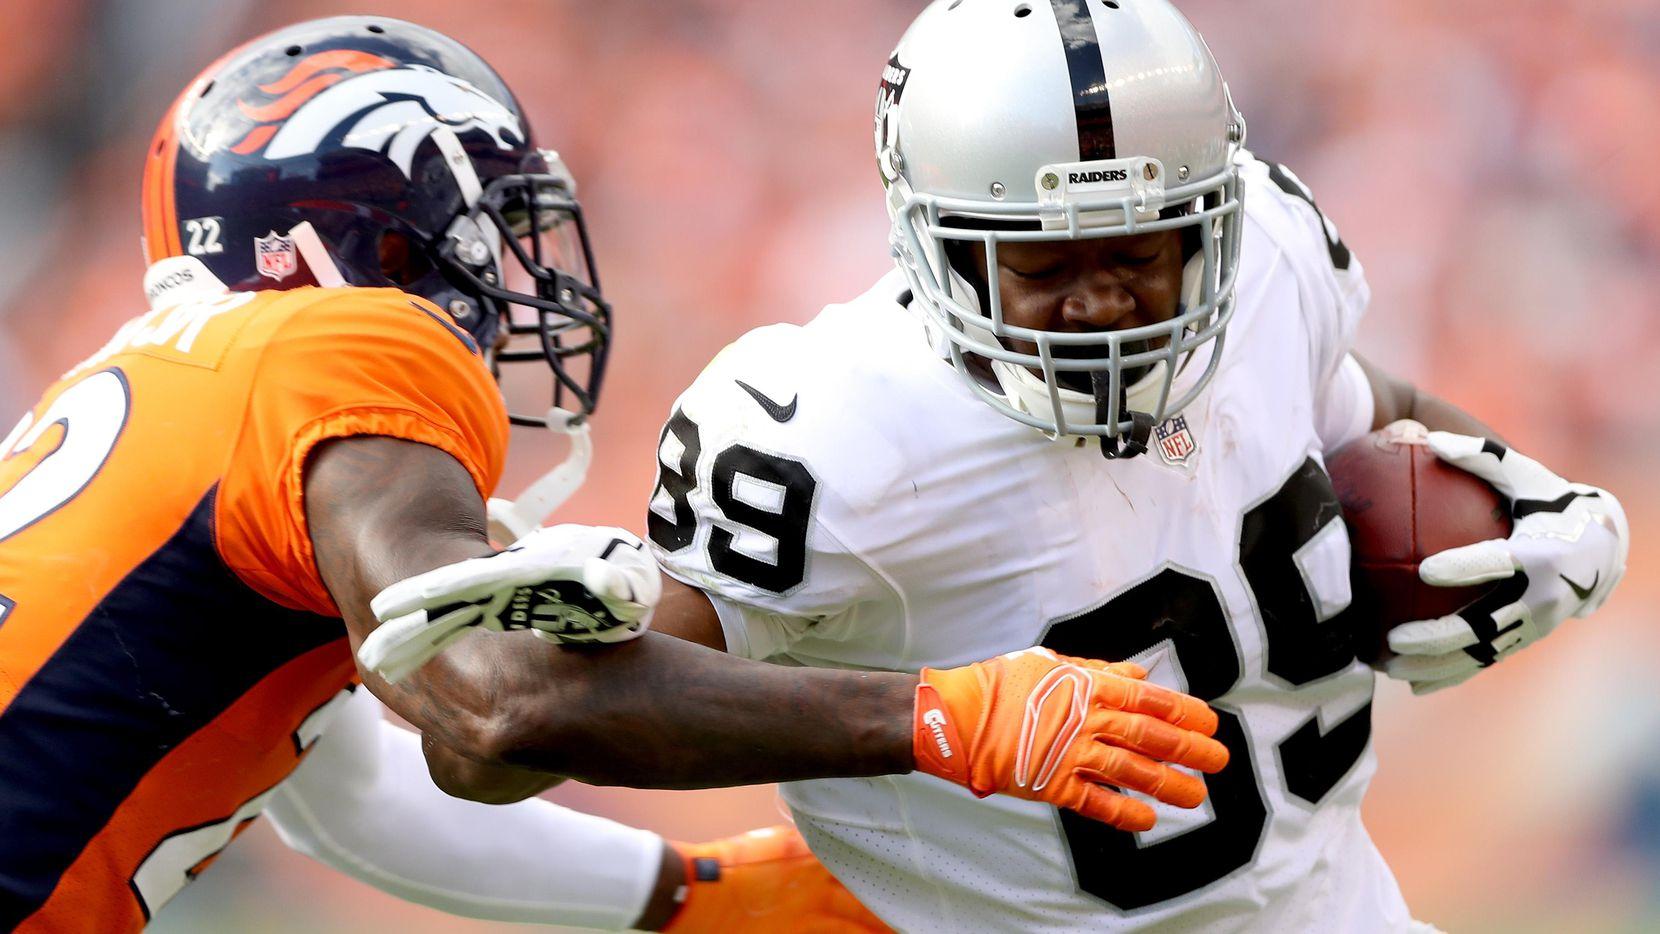 Amari Cooper de los Raiders podría ser una buena opción para los Cowboys en su búsqueda por un receptor elite. (Getty Images/Matthew Stockman)